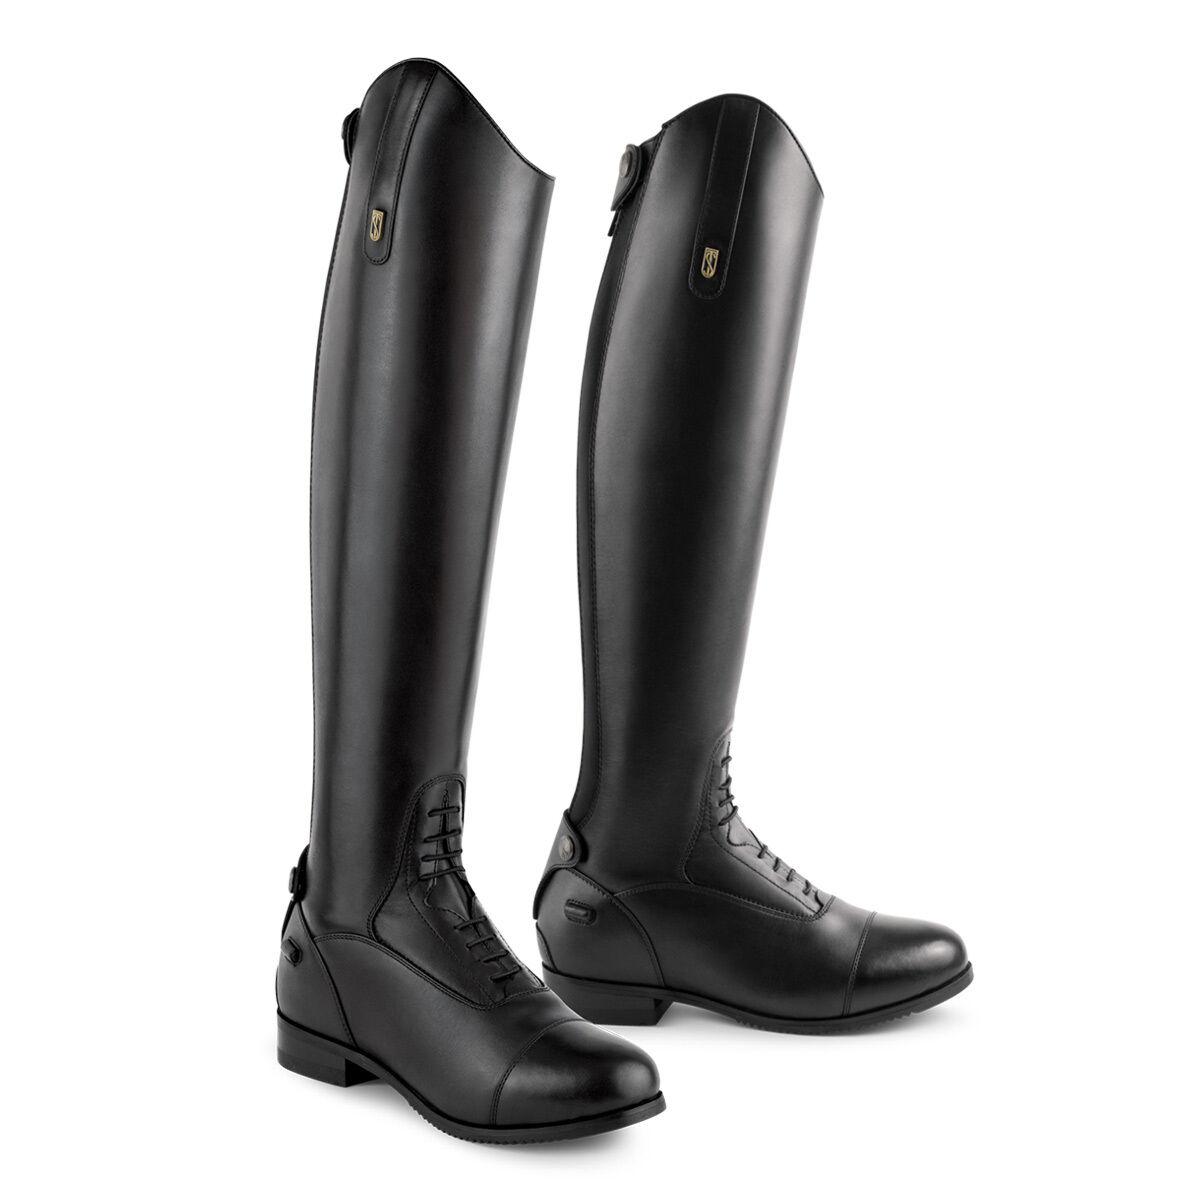 Nuevas botas De Campo señoras Trojostep Donatello II - 8-8.5 (39) - Distintos Anchos alturas